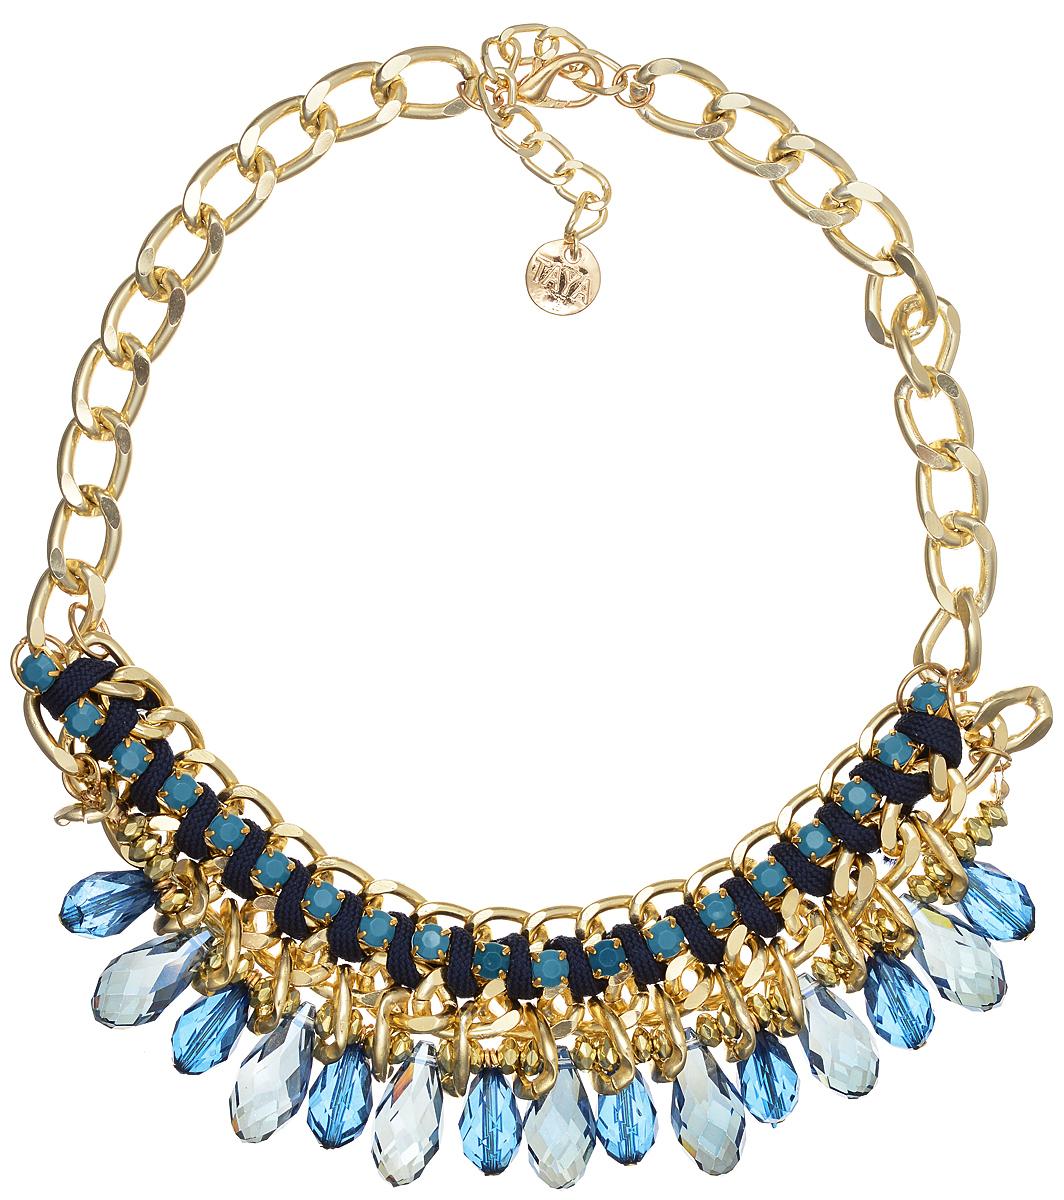 Колье Taya, цвет: золотистый, голубой, синий. T-B-9580T-B-9580-NECK-GL.D.BLUEЭлегантное колье Taya выполнено из текстиля и бижутерийного сплава, центральная часть оформлена гранеными каплевидными камнями из стекла, стразами, оплетенными шнуром, и бусинами. Колье застегивается на практичный замок-карабин, длина изделия регулируется за счет дополнительных звеньев. Колье Taya выгодно подчеркнет изящество, женственность и красоту своей обладательницы.